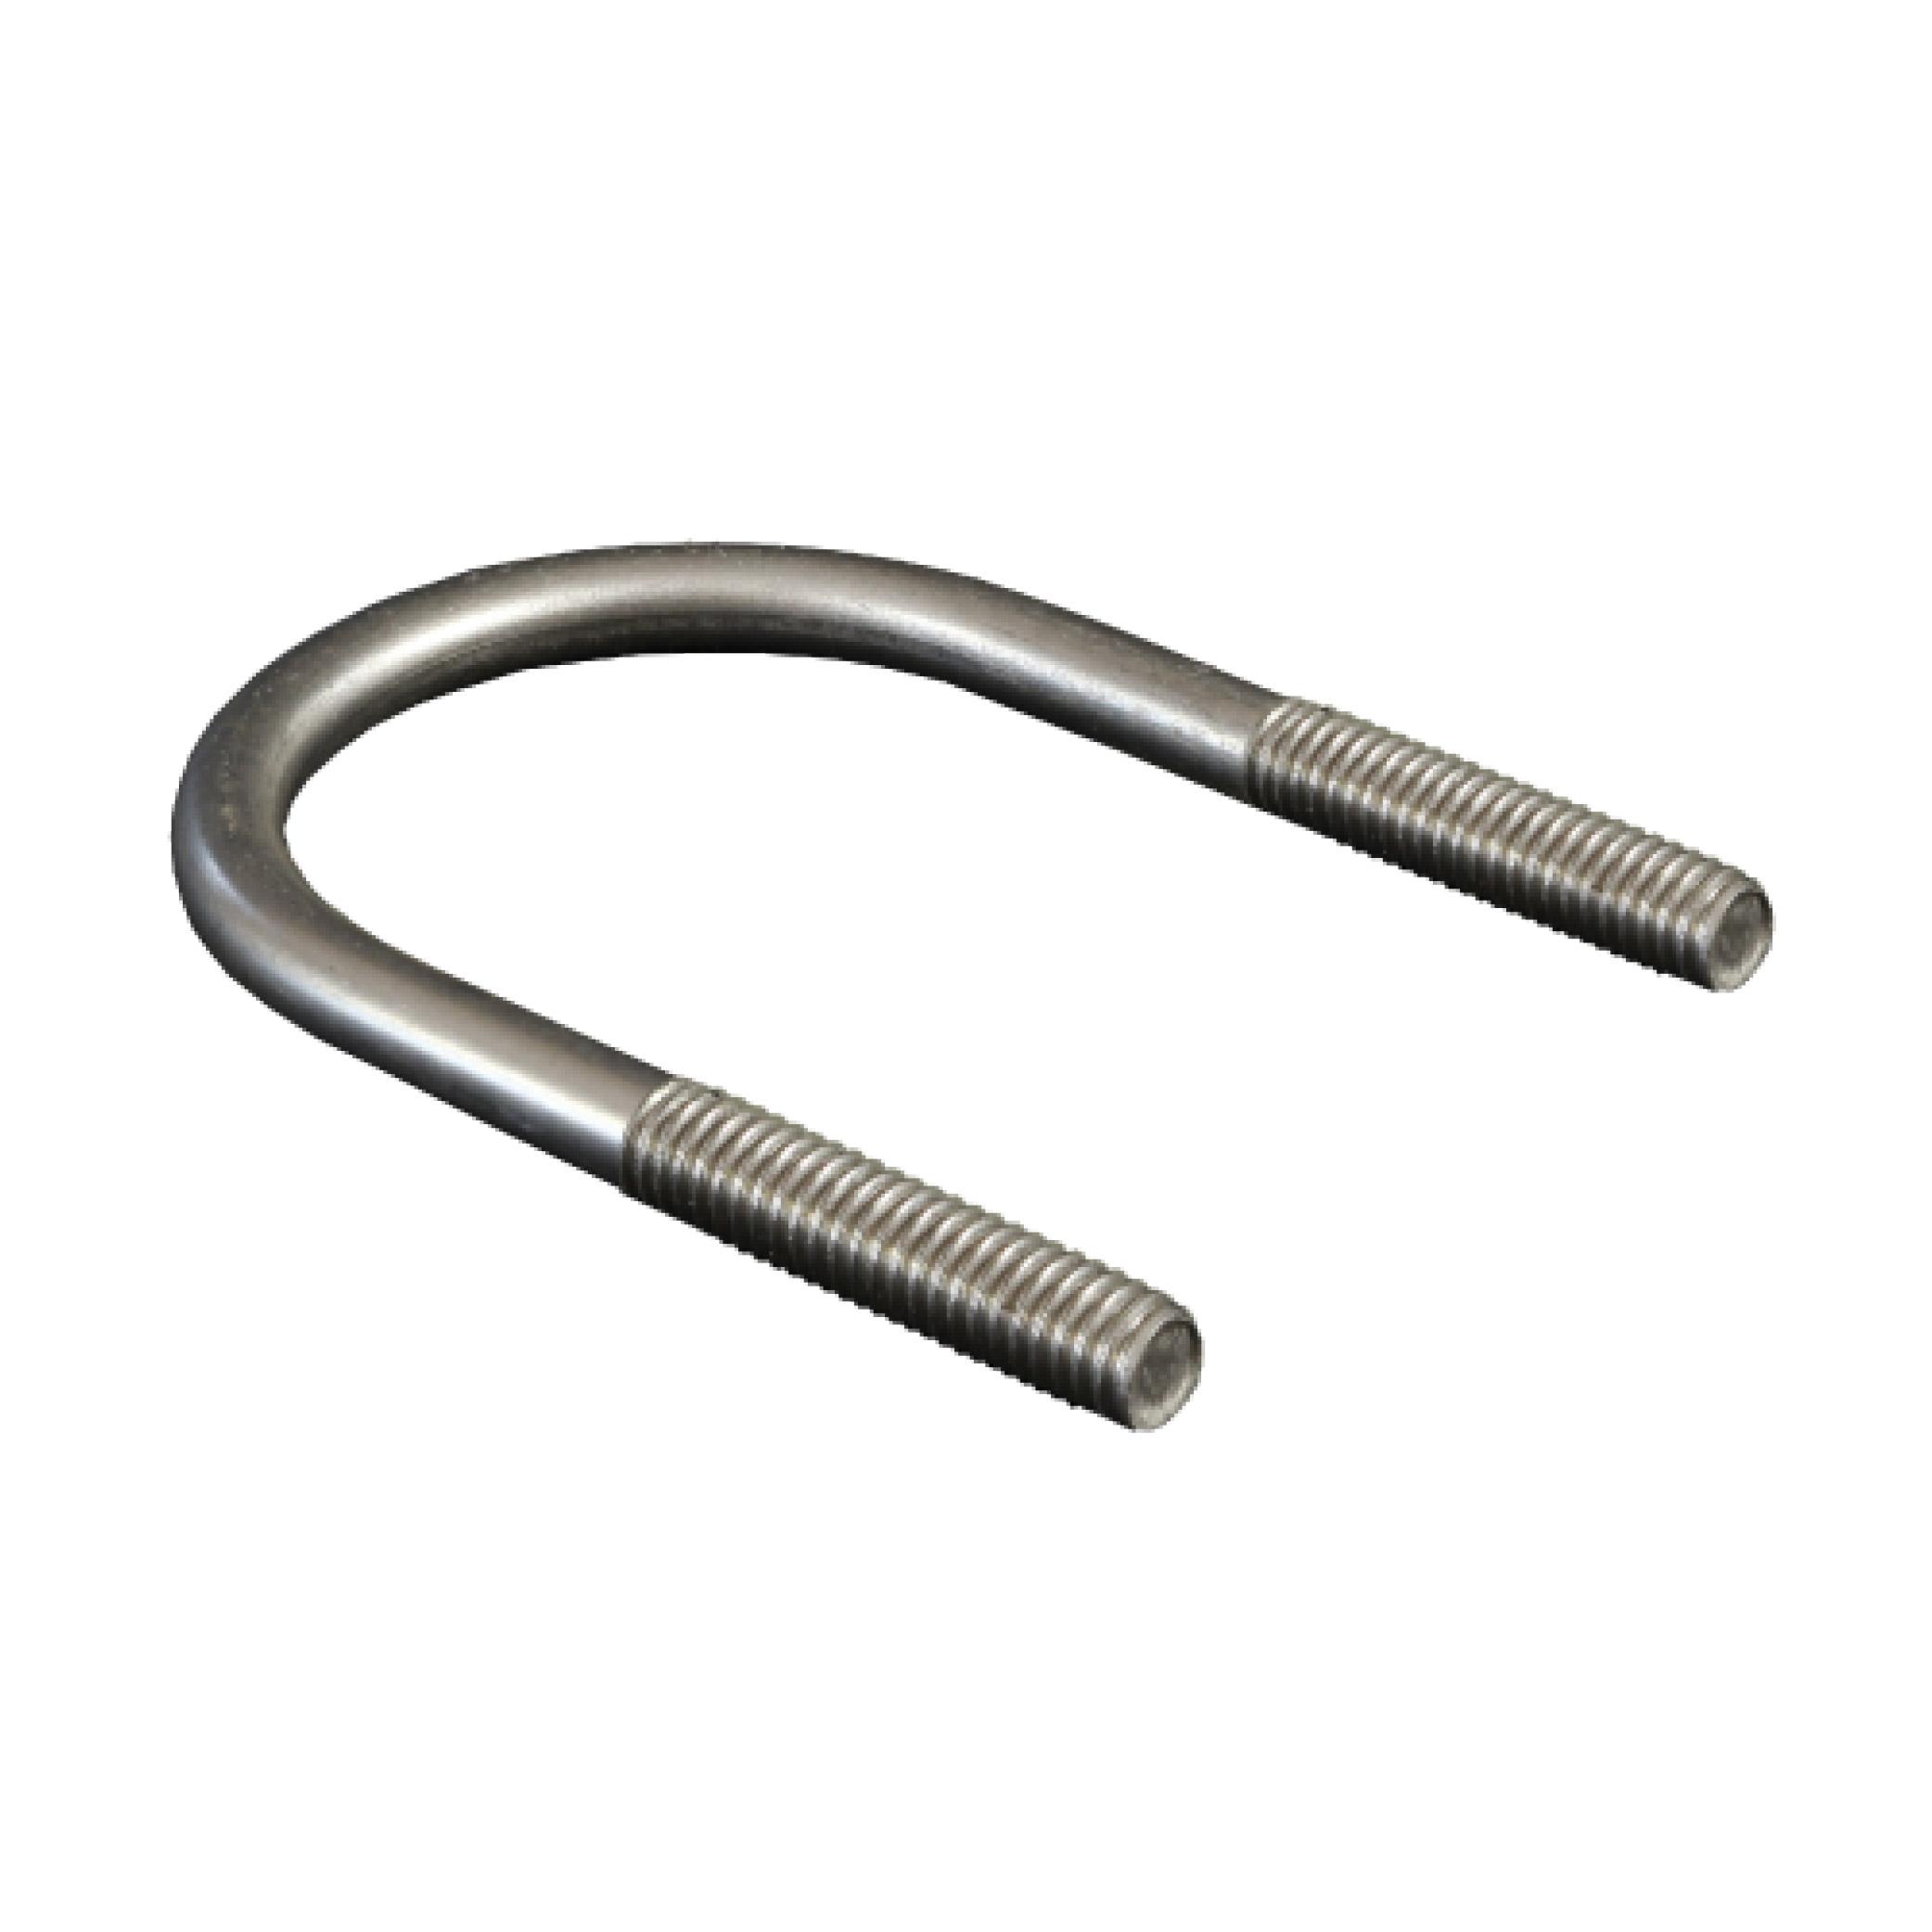 U-Bolts / SQ U-Bolts | Accuthread Products